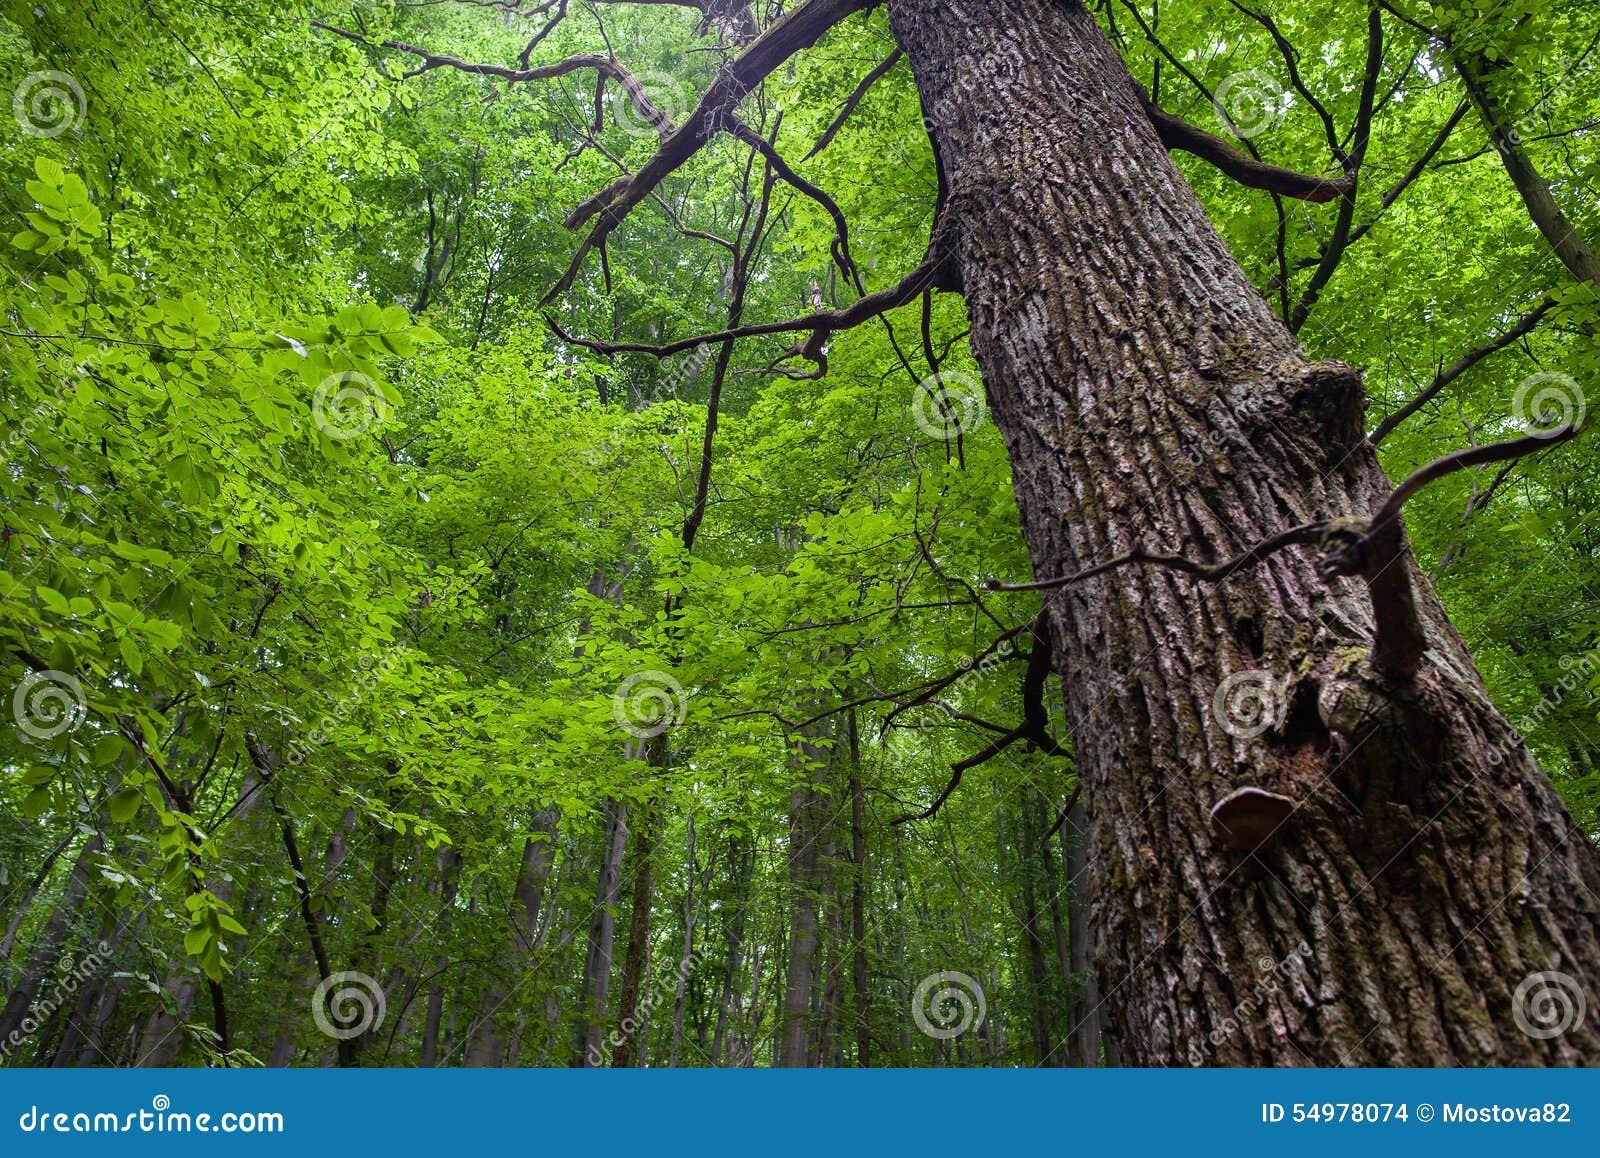 Eichenstamm auf einem Laubwald